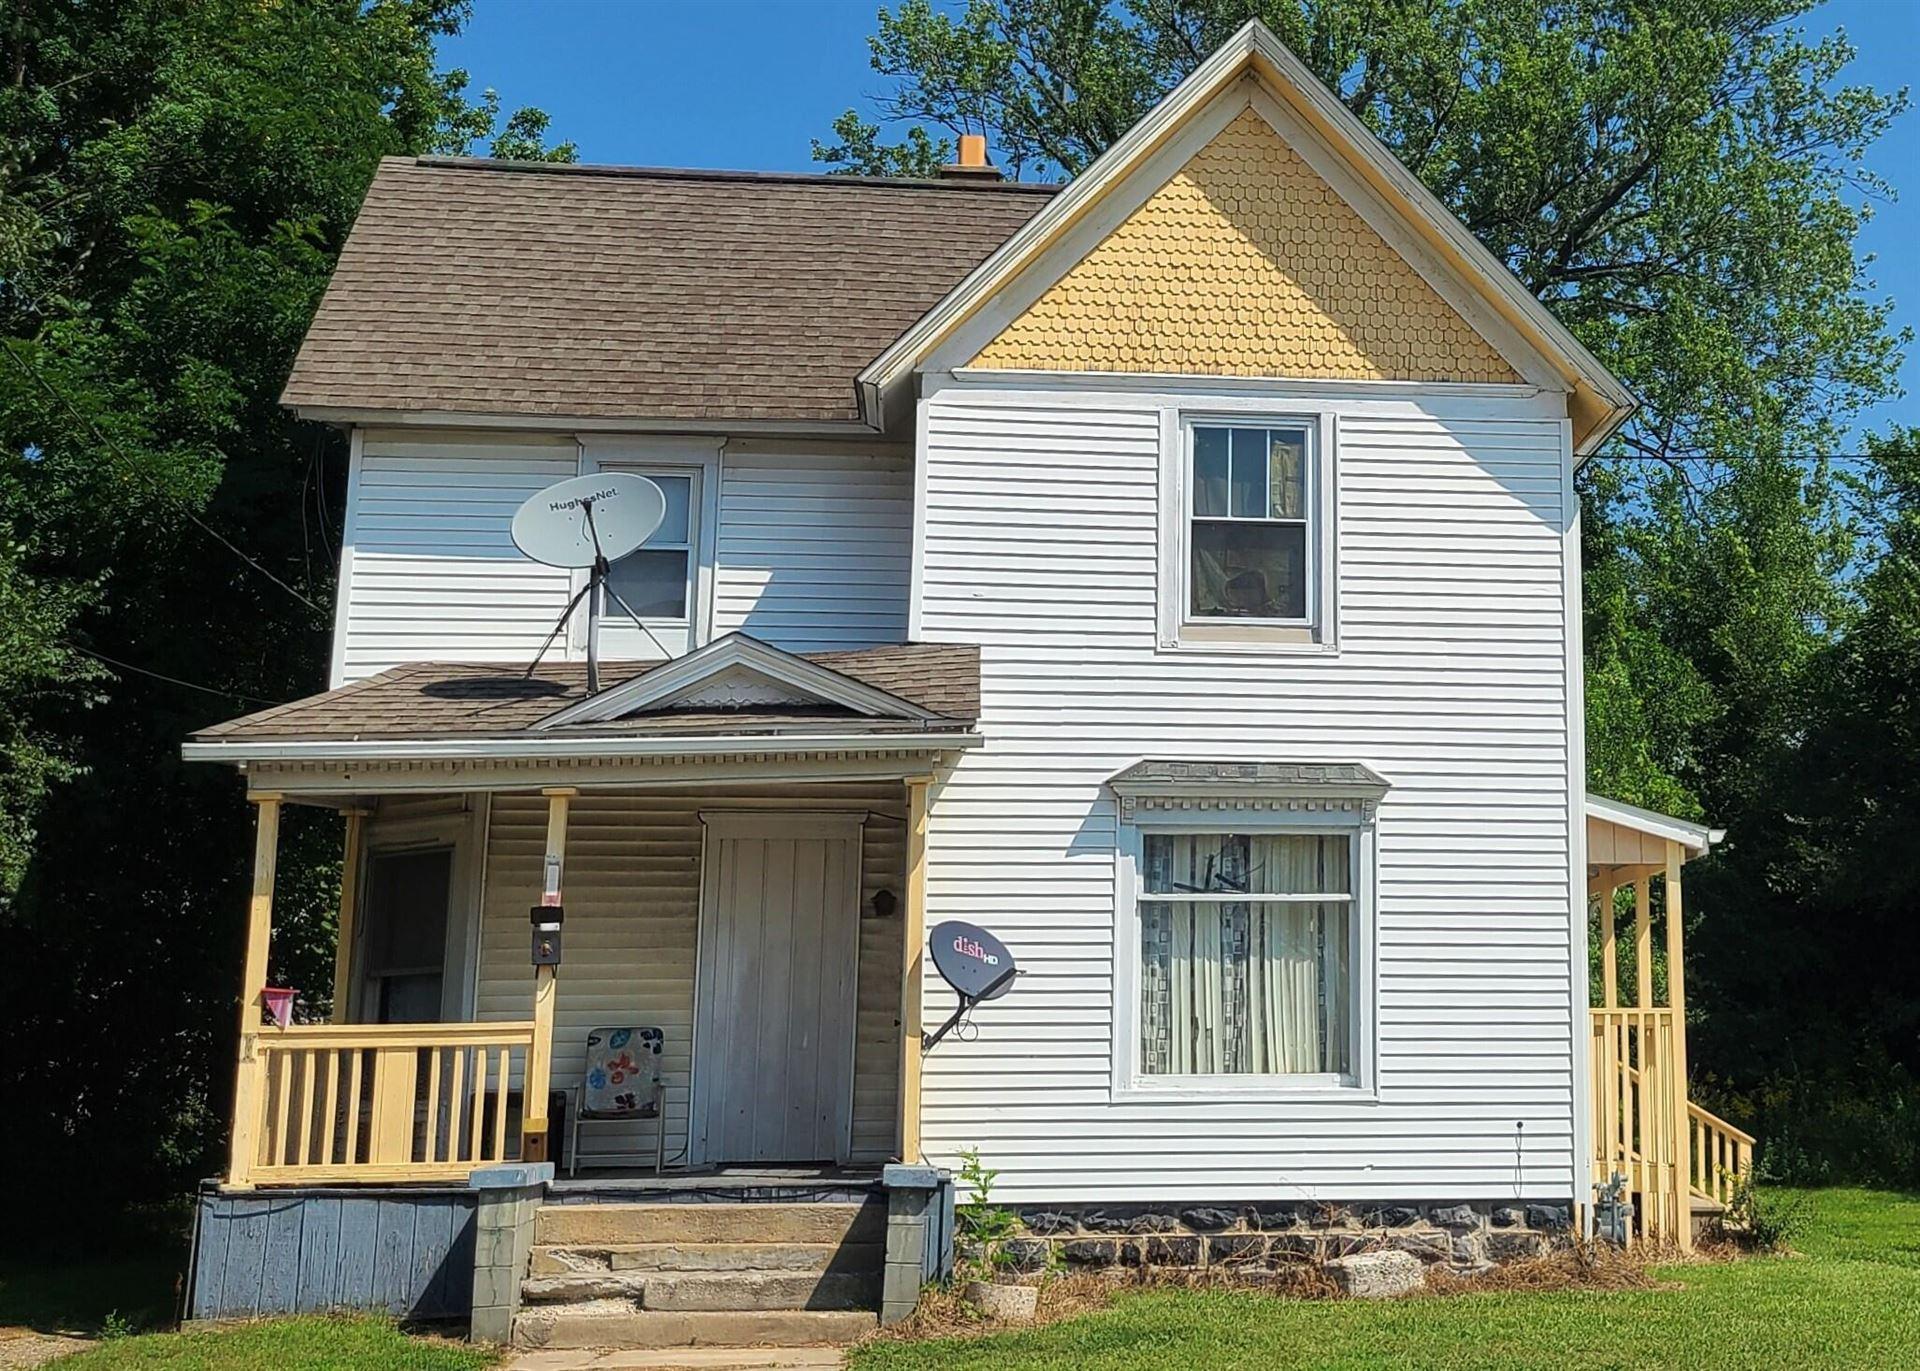 63 E Van Buren Street, Battle Creek, MI 49017 - MLS#: 21103115